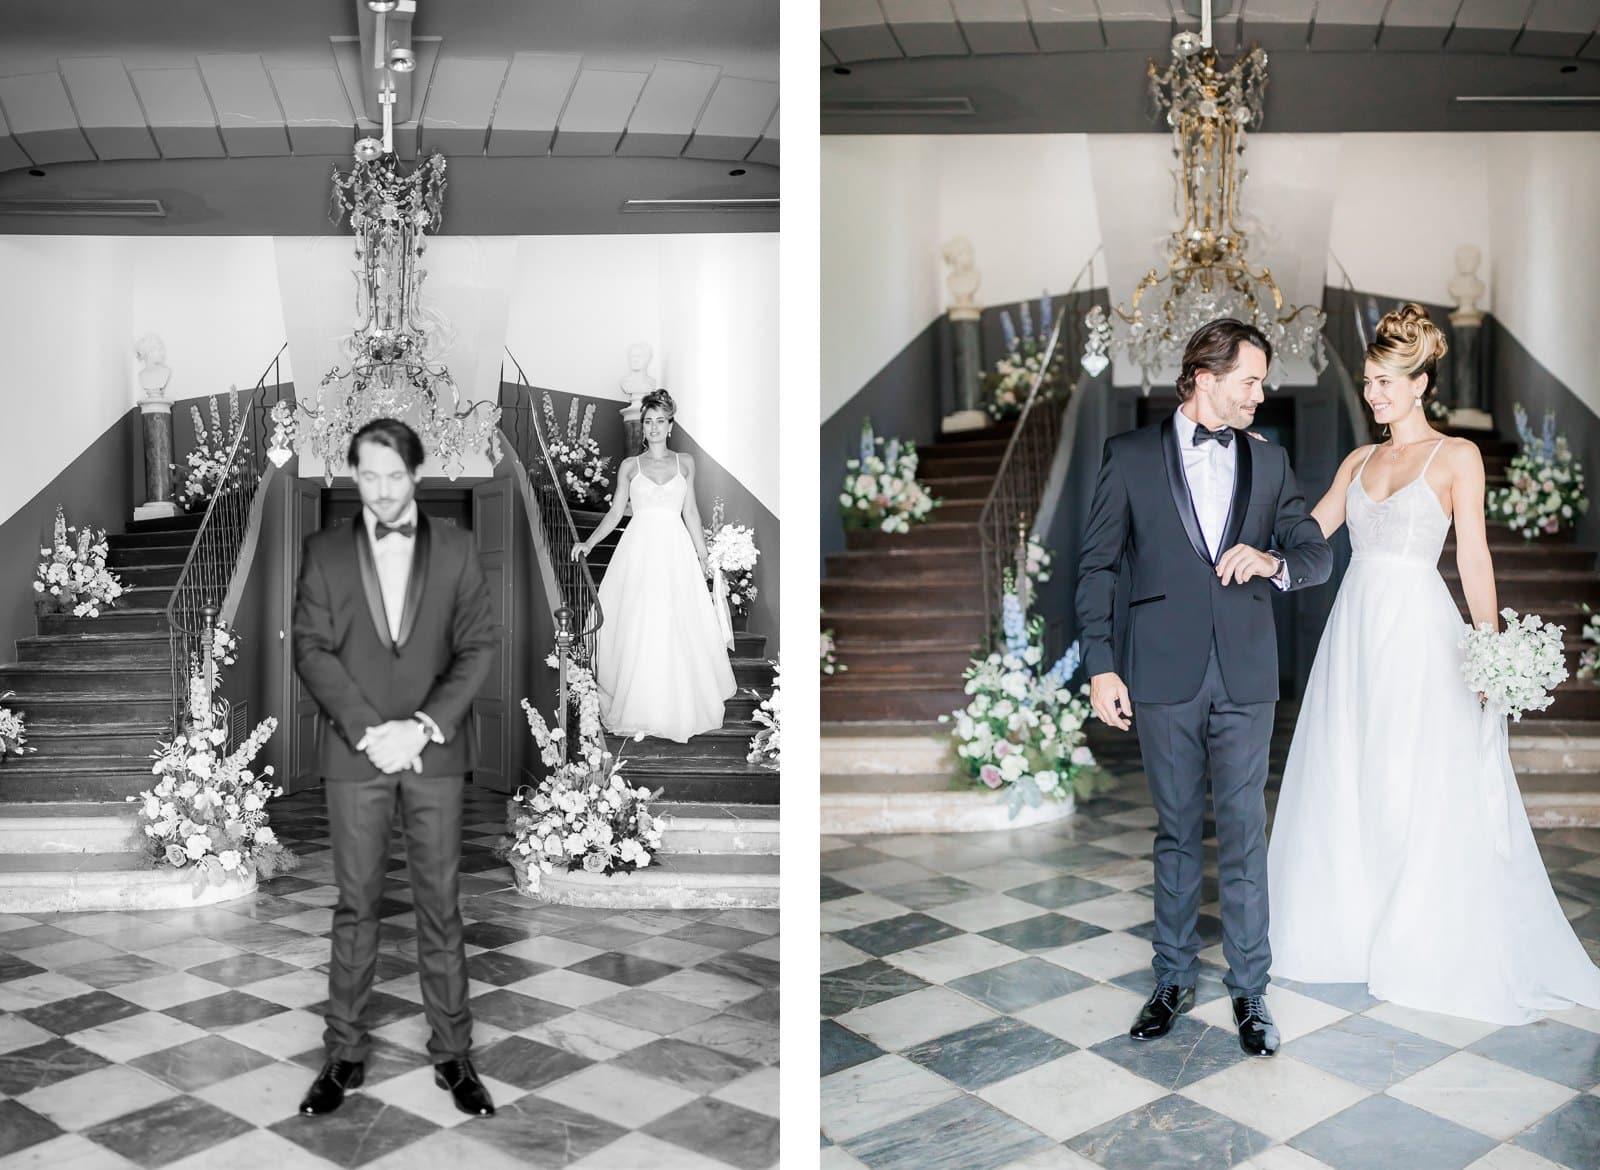 Photographie de Mathieu Dété présentant le first look (premier regard) entre les mariés, dans les escaliers de la Villa Brignac à Ollioules